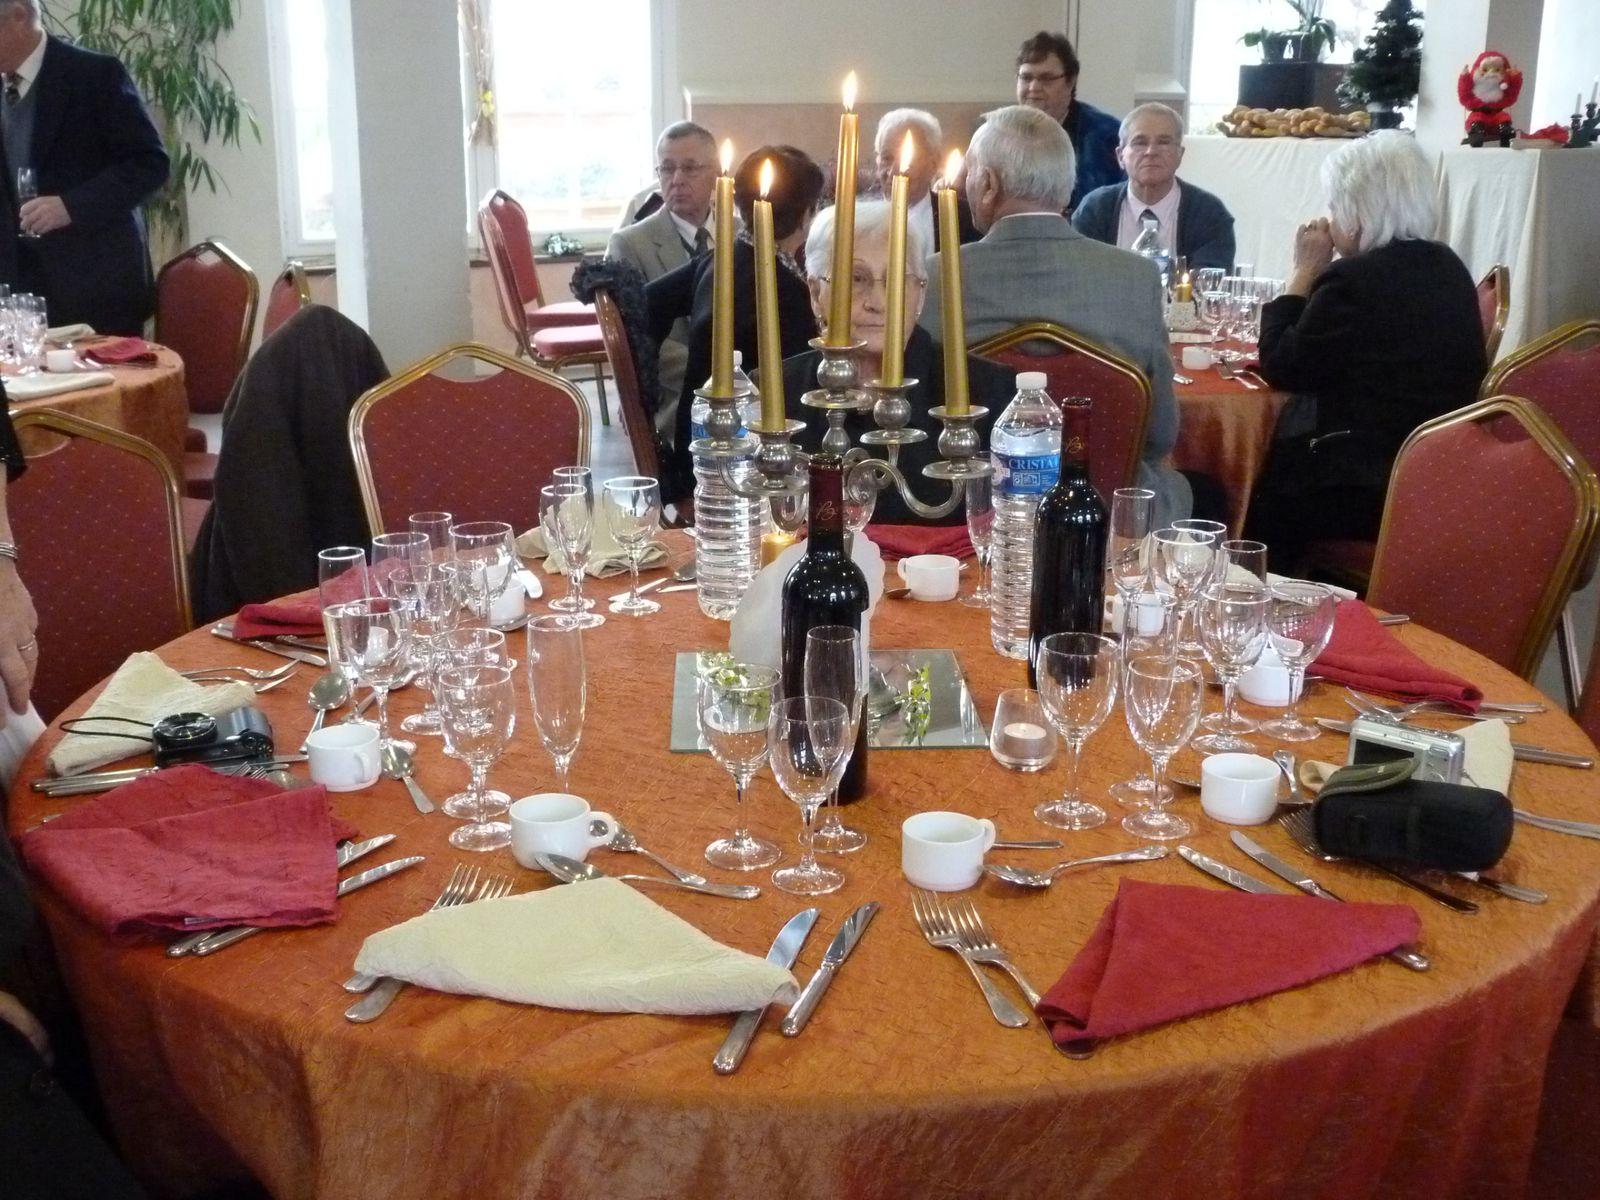 Album - Chantereine, l'Amicale des retraités de Chantereine, repas de fin d'année, 8 décembre 2013, (1ére partie)